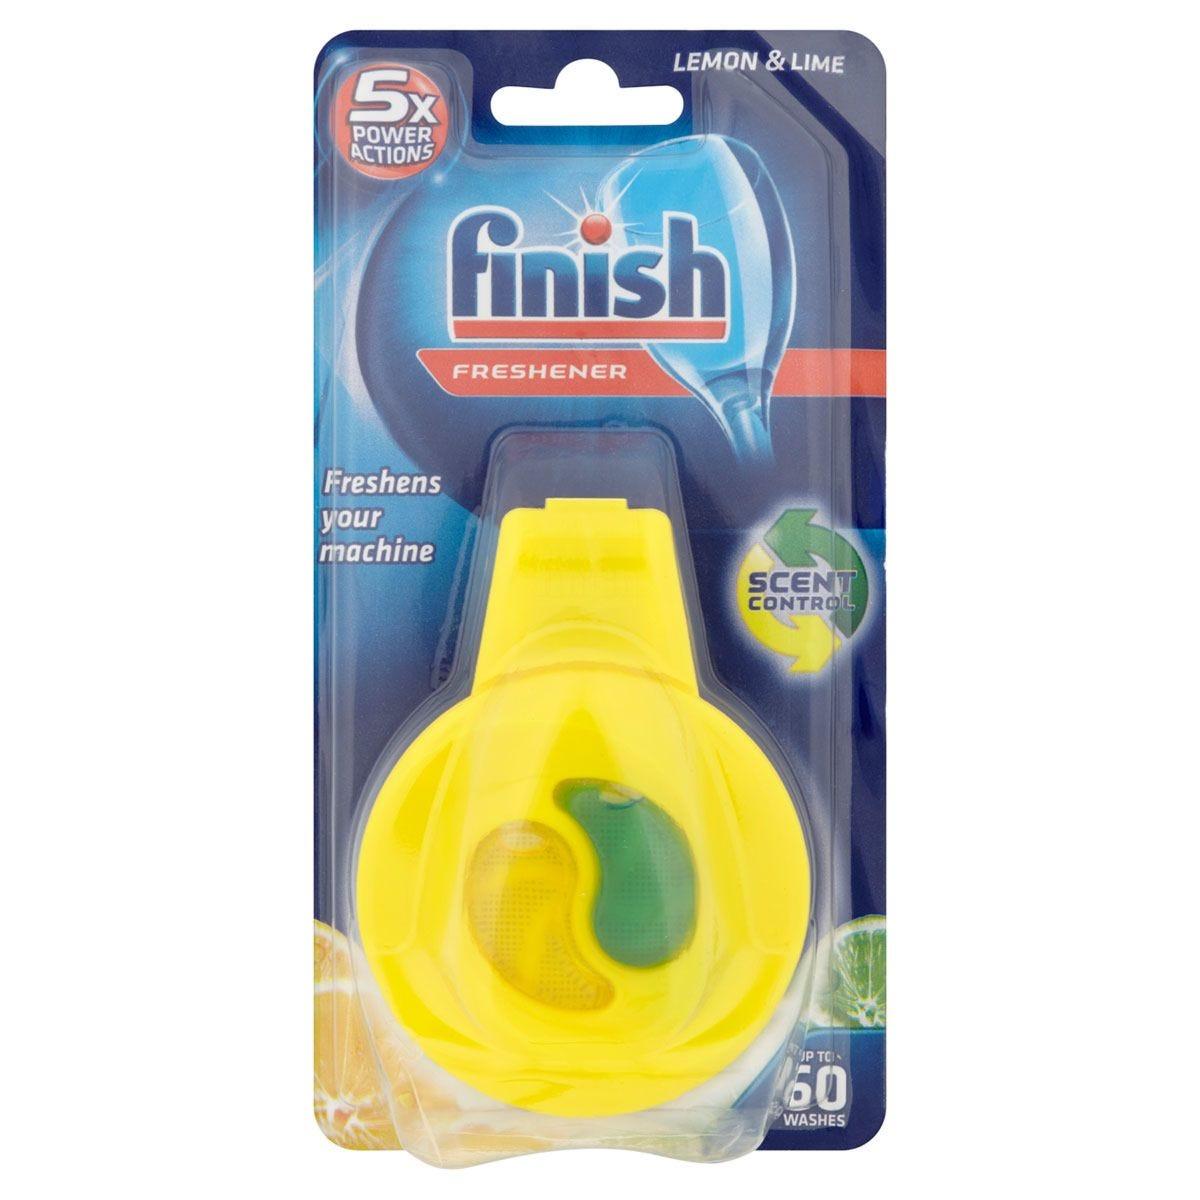 Finish Dishwasher Deodoriser